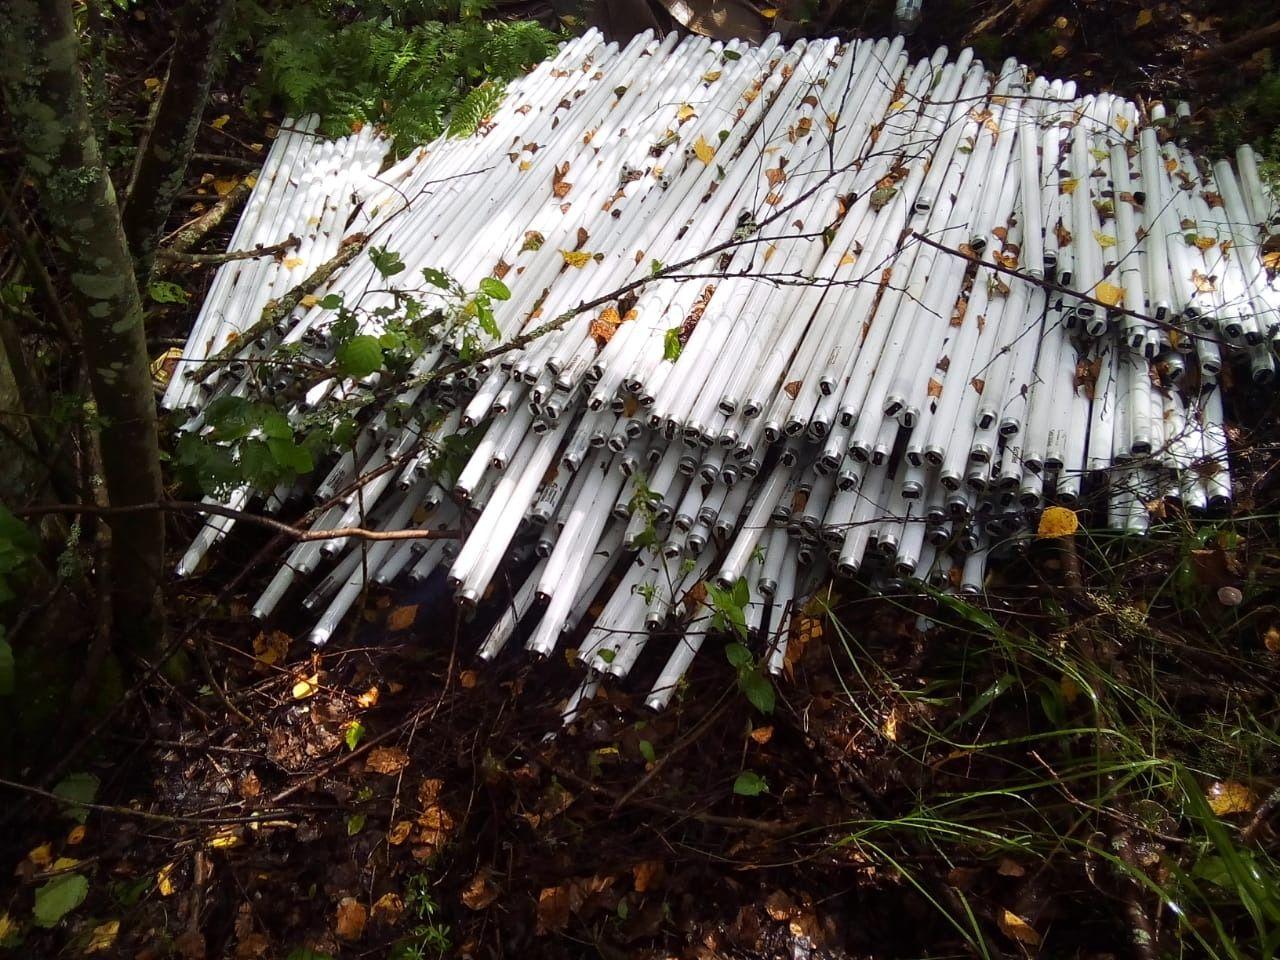 В Ярославской области ликвидировали несанкционированную свалку ртутных ламп